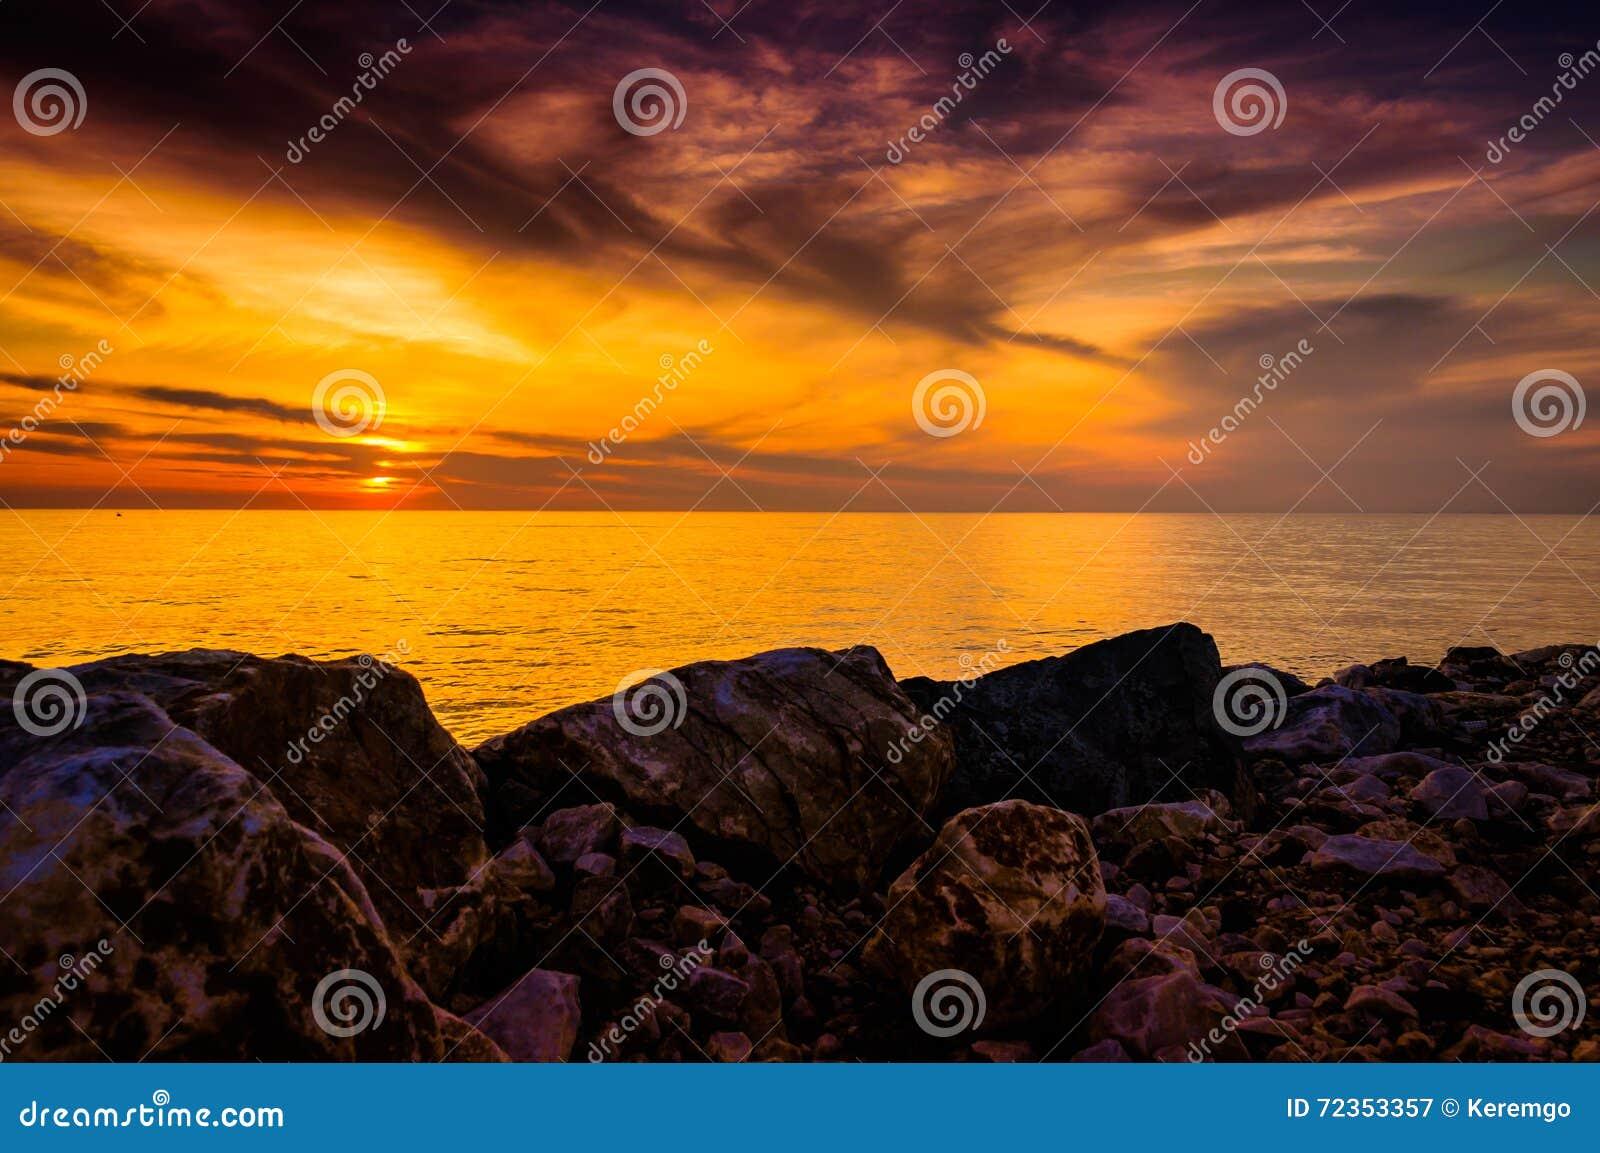 金黄日落海景